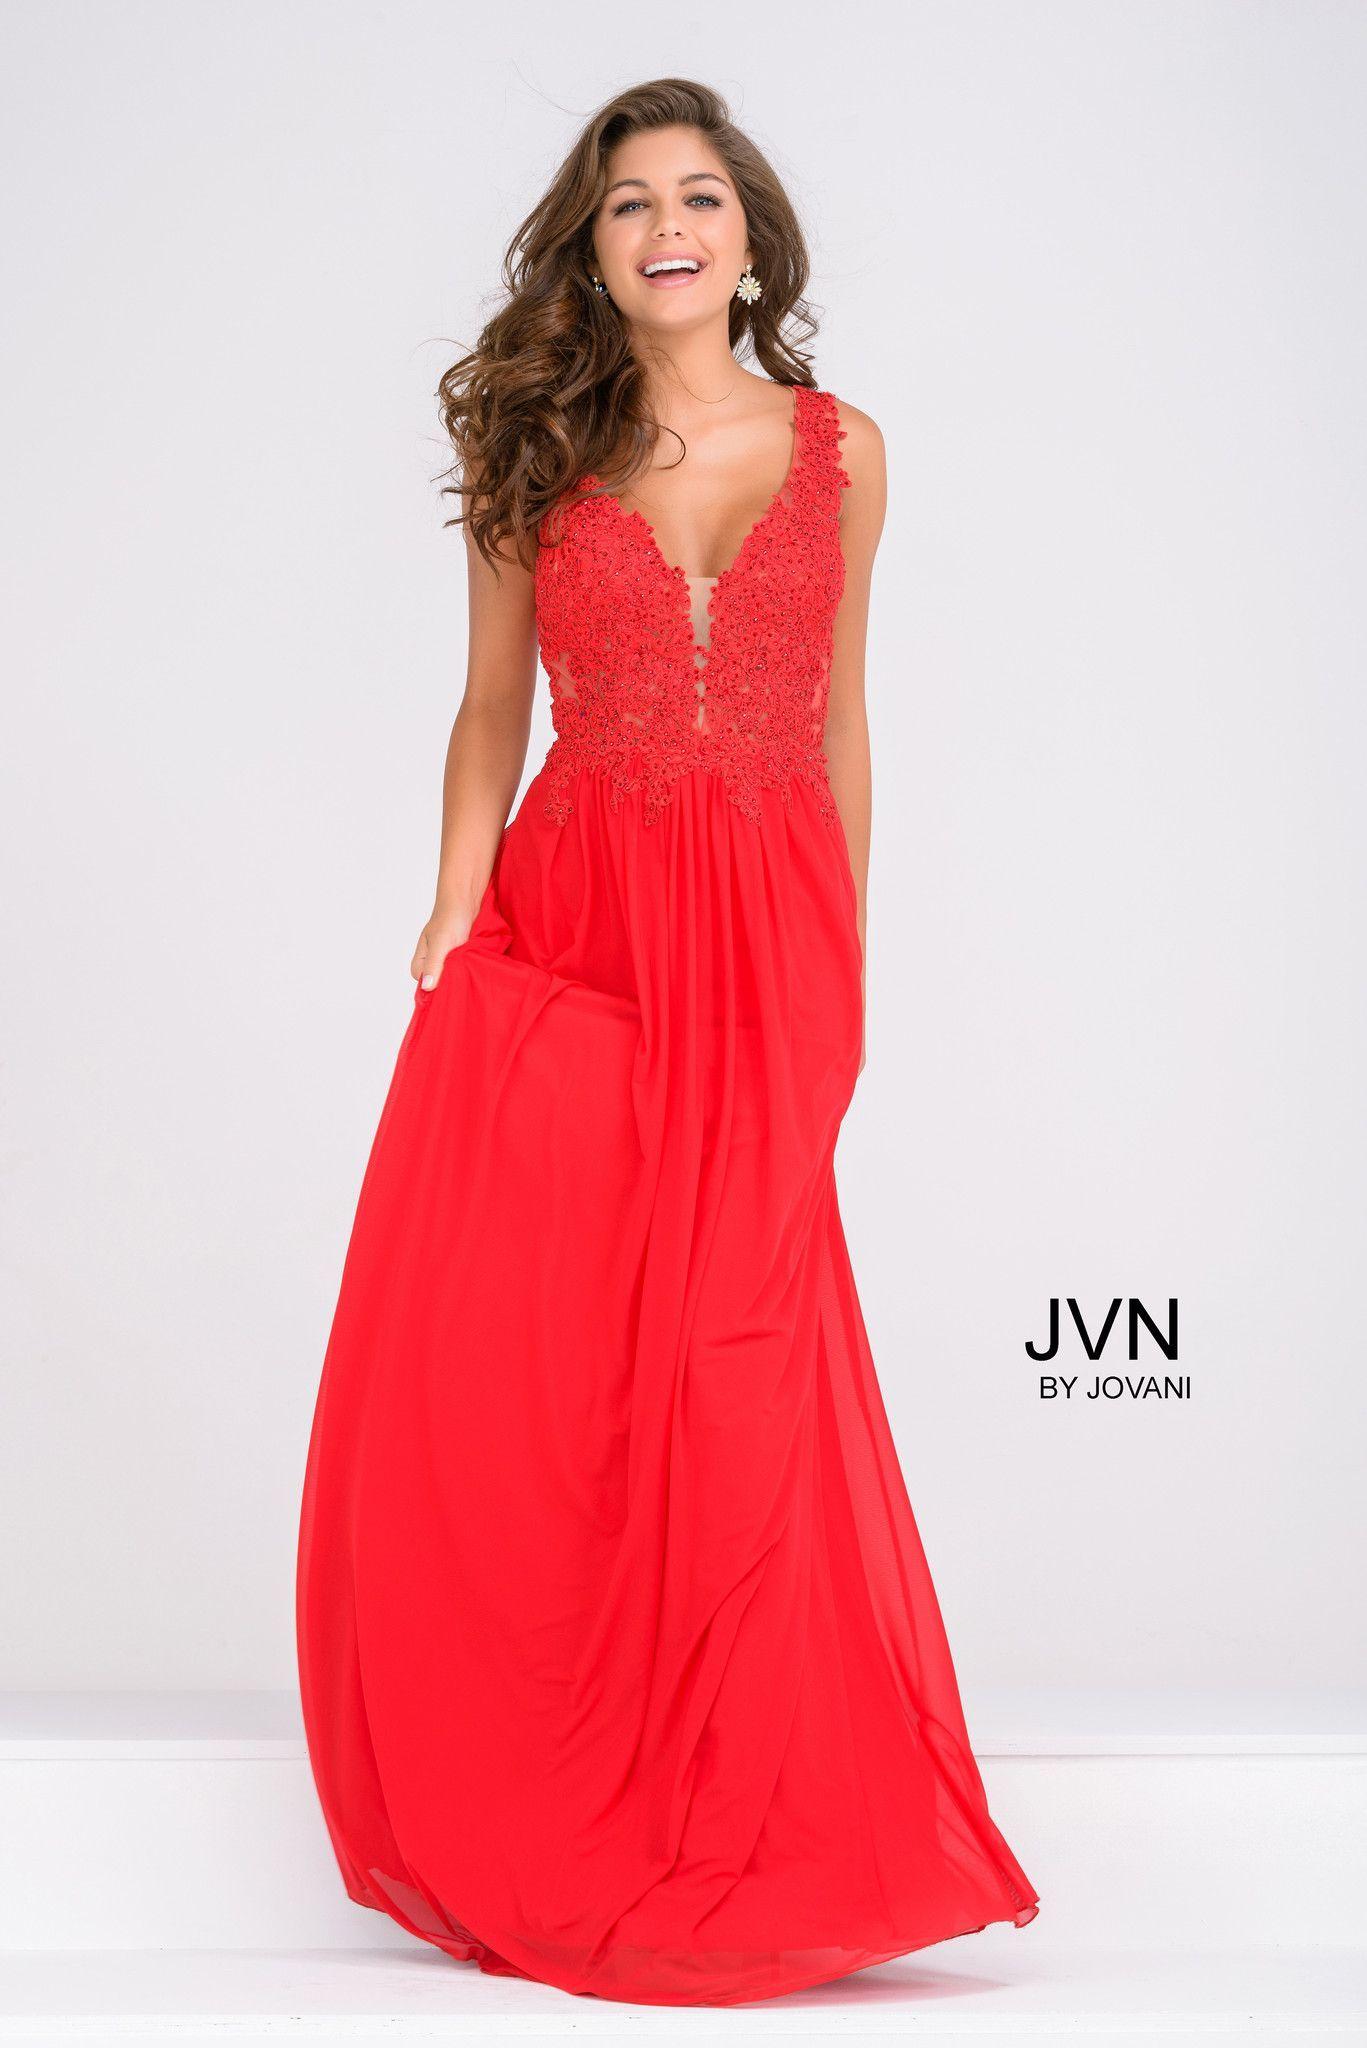 JVN by Jovani prom dress style JVN41466